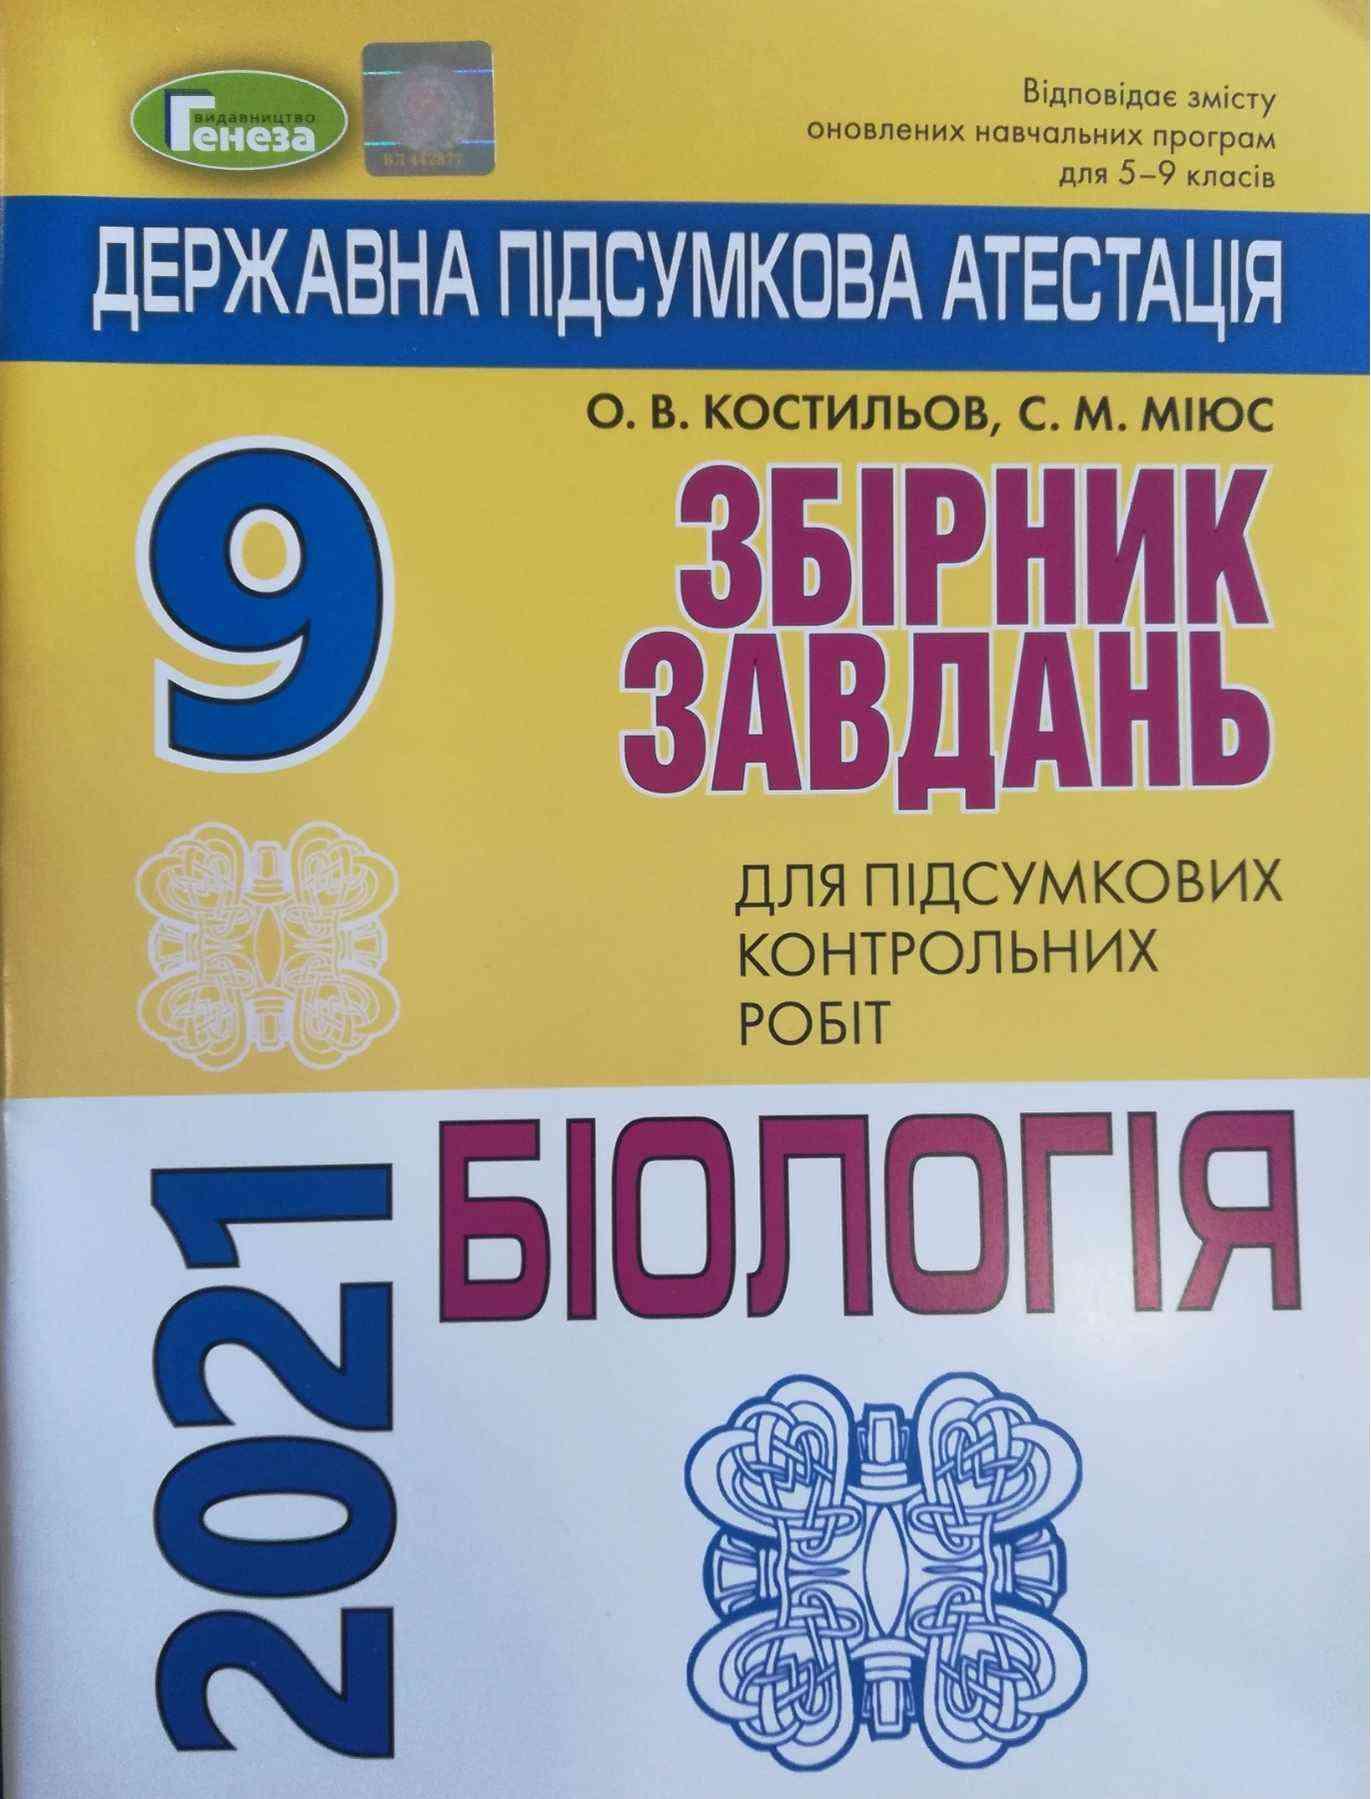 ДПА 9 клас 2021 Біологія Збірник завдань Костильов О. Генеза